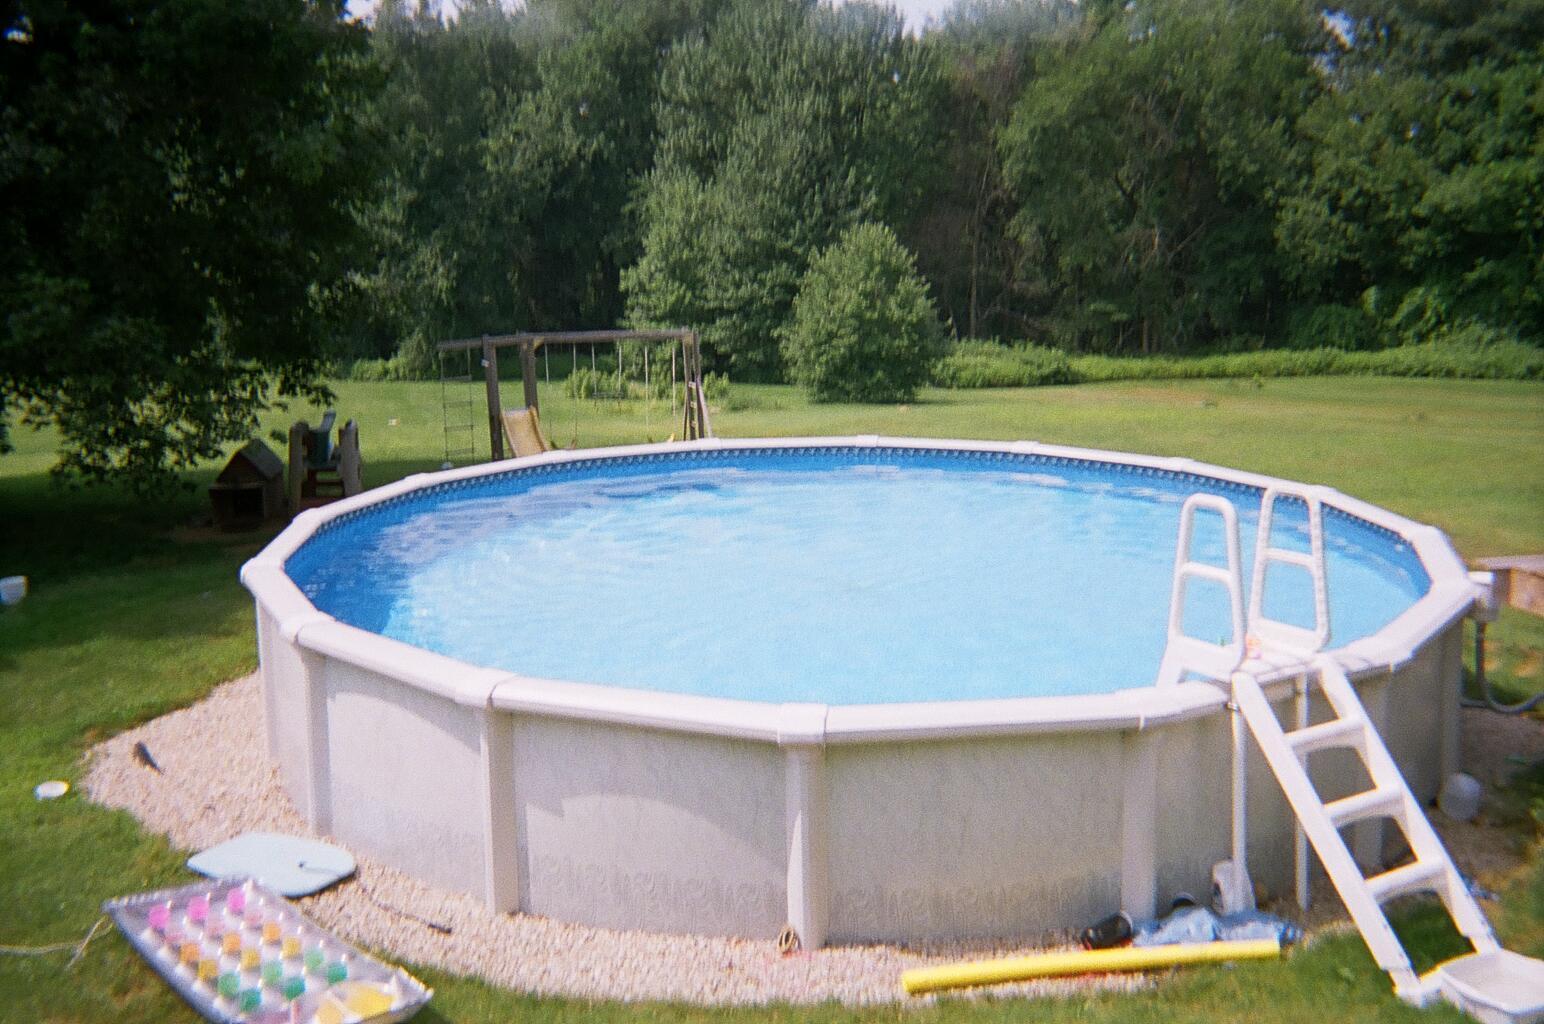 12 domande sulle piscine fuori terra prodotti per la casa for Piscina fuori terra 400x200x100